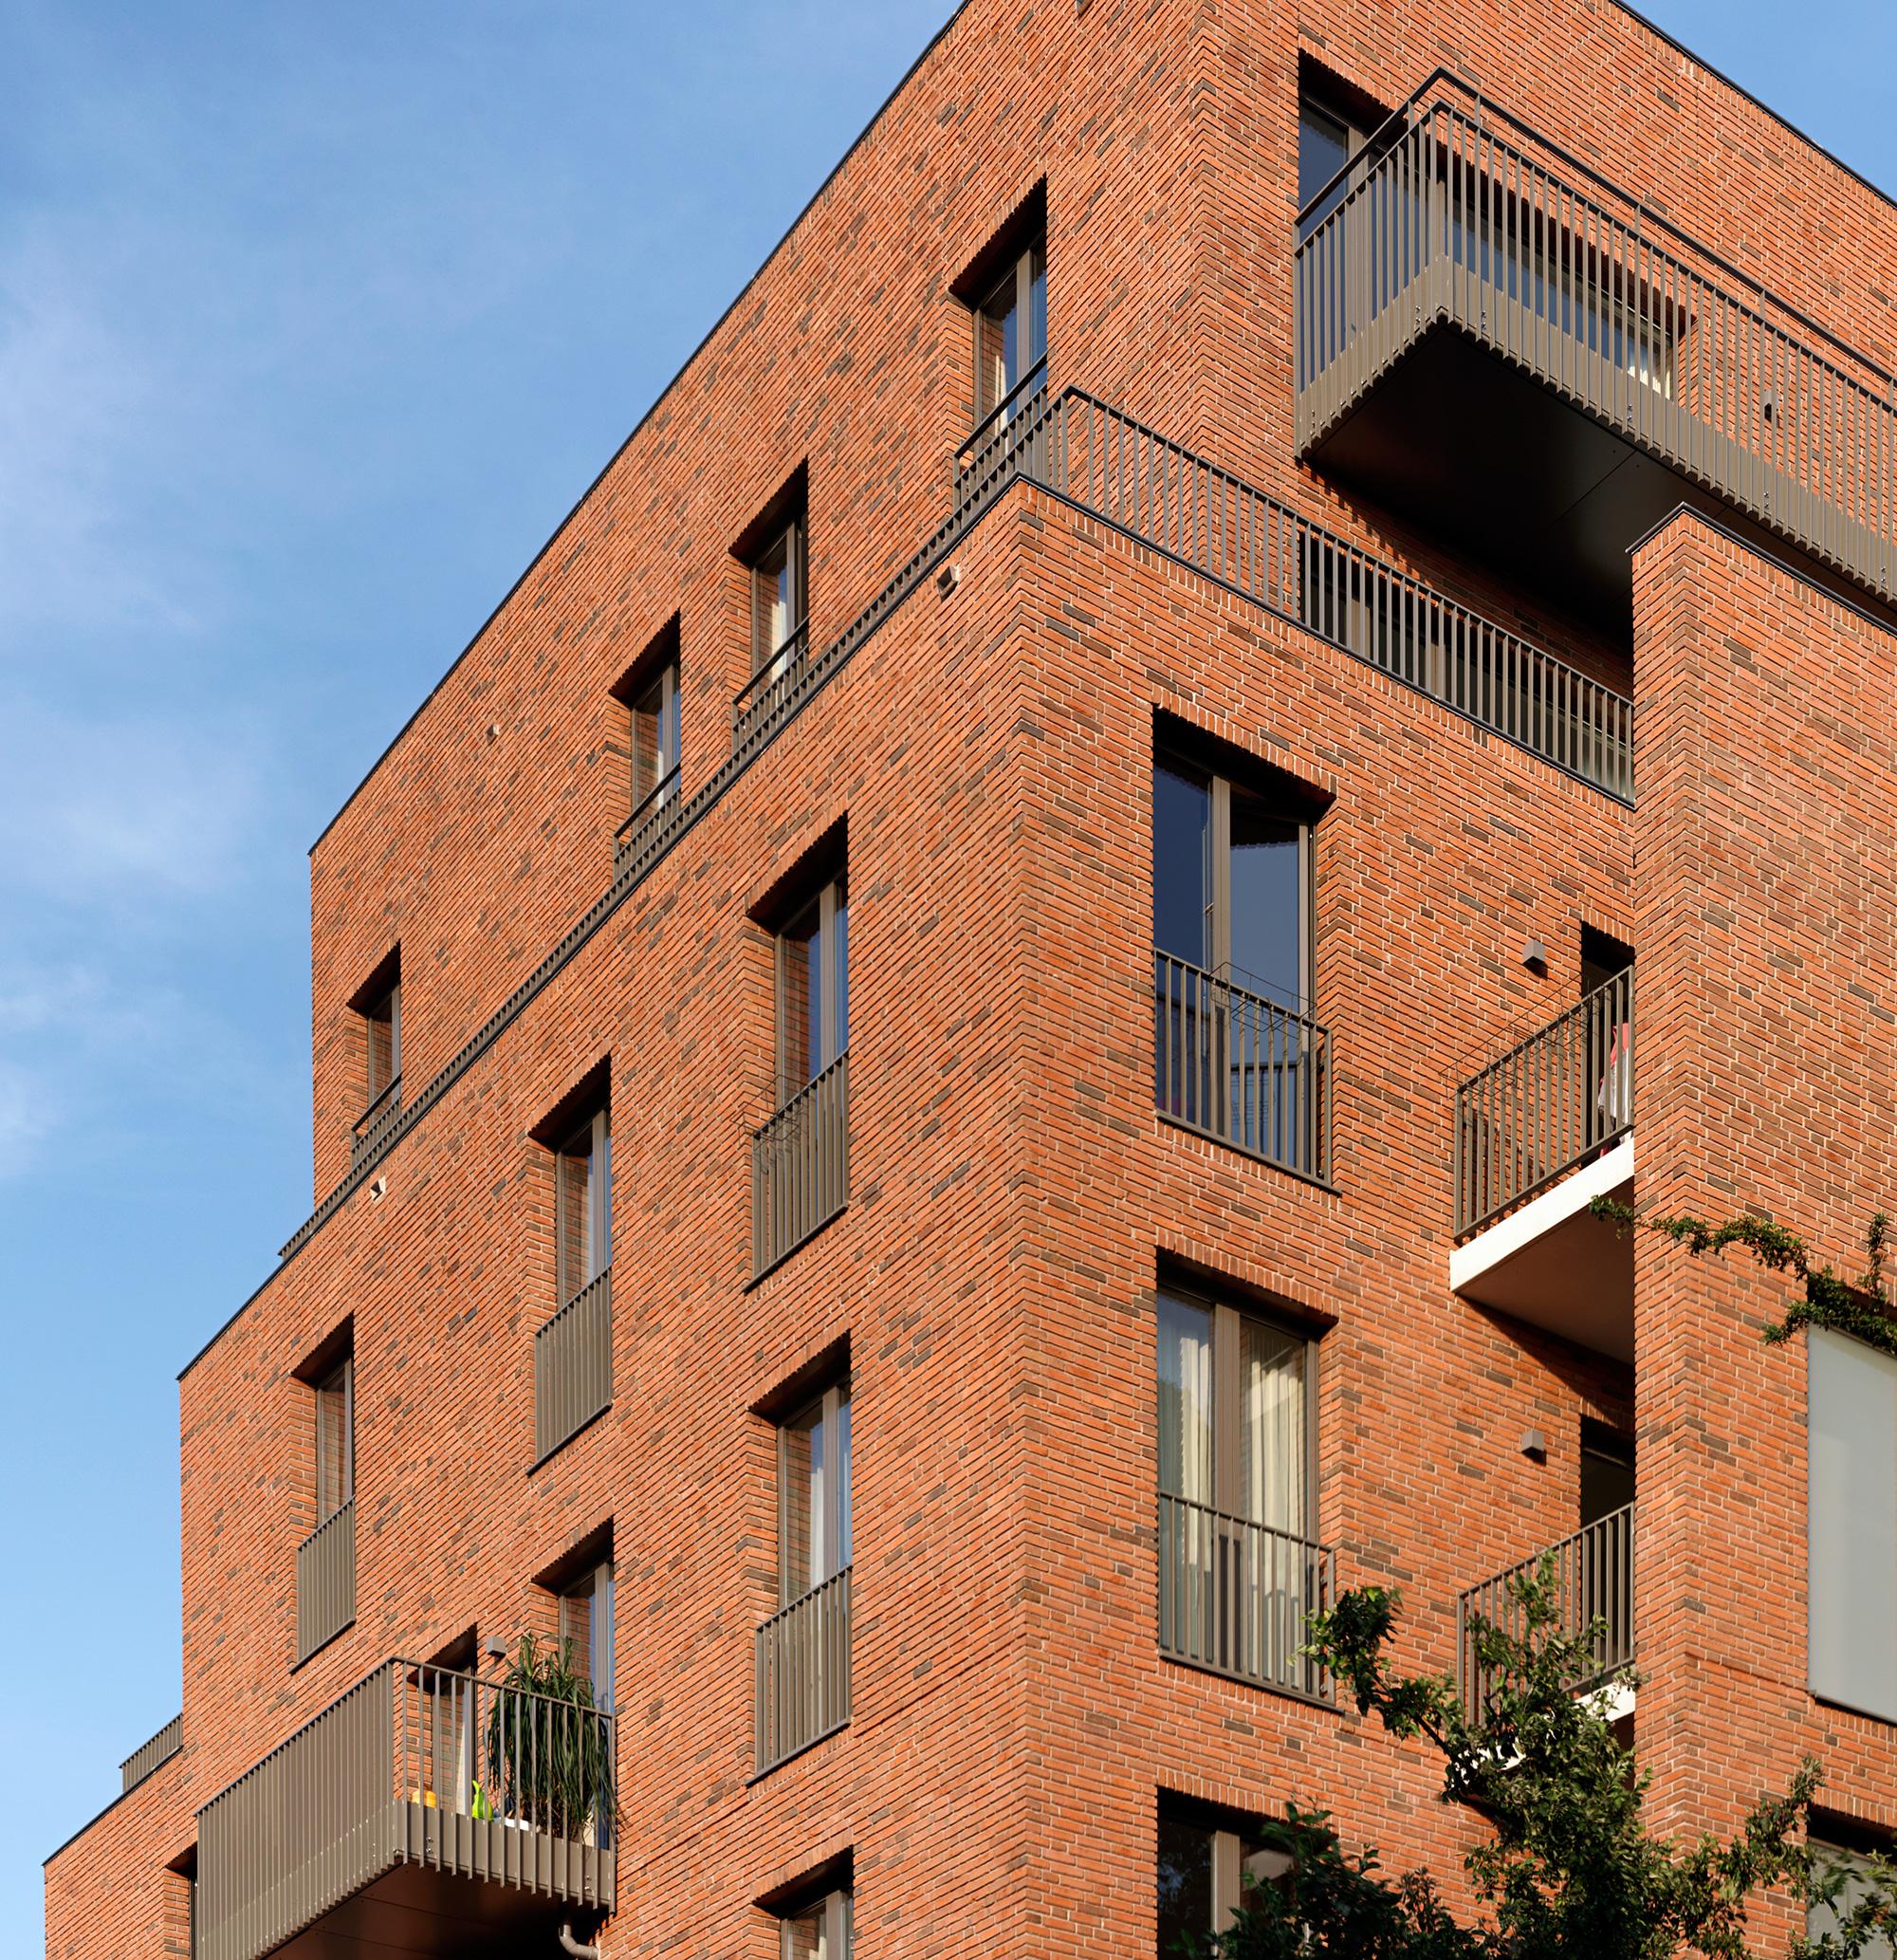 Arc17 architectuur appartementengebouw wibautstraat bedaux de brouwer architecten de architect - Architectuur en constructie ...